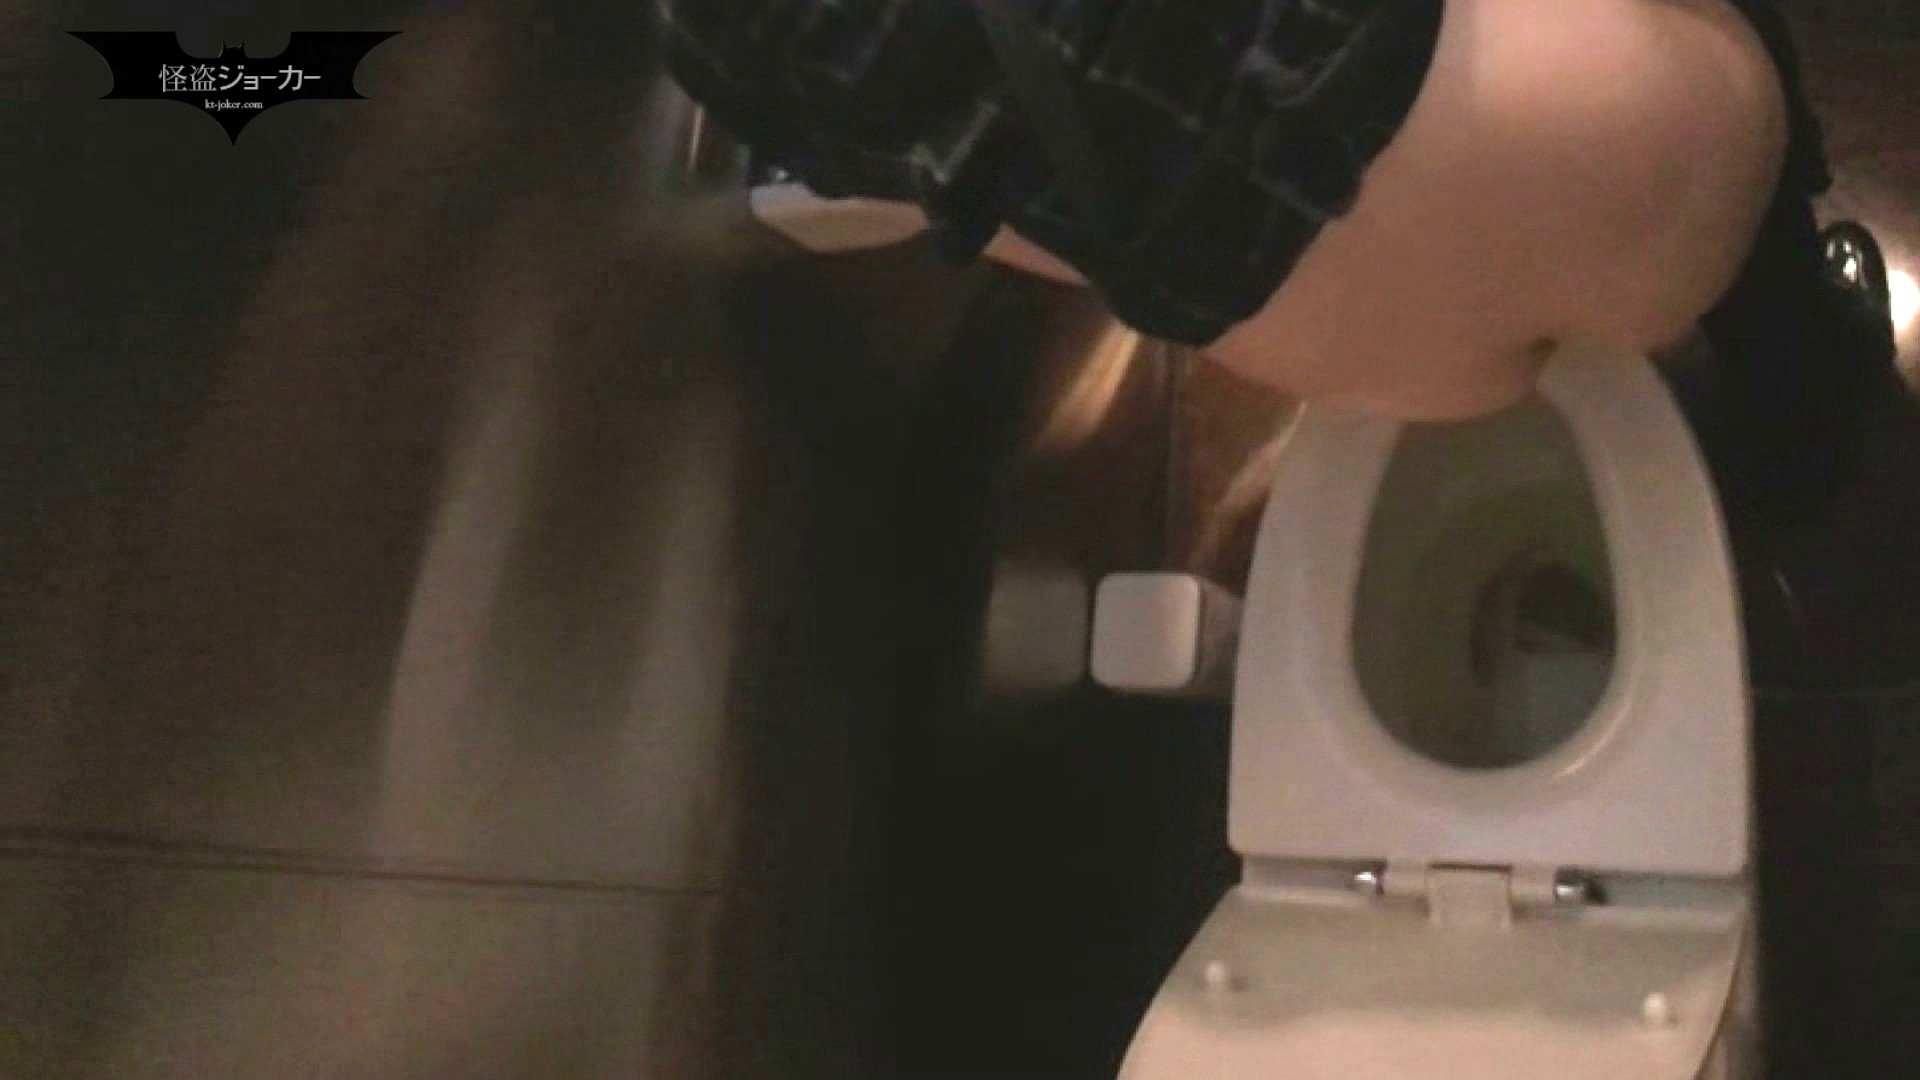 化粧室絵巻 番外編 VOL.20 高評価 エロ画像 89画像 5